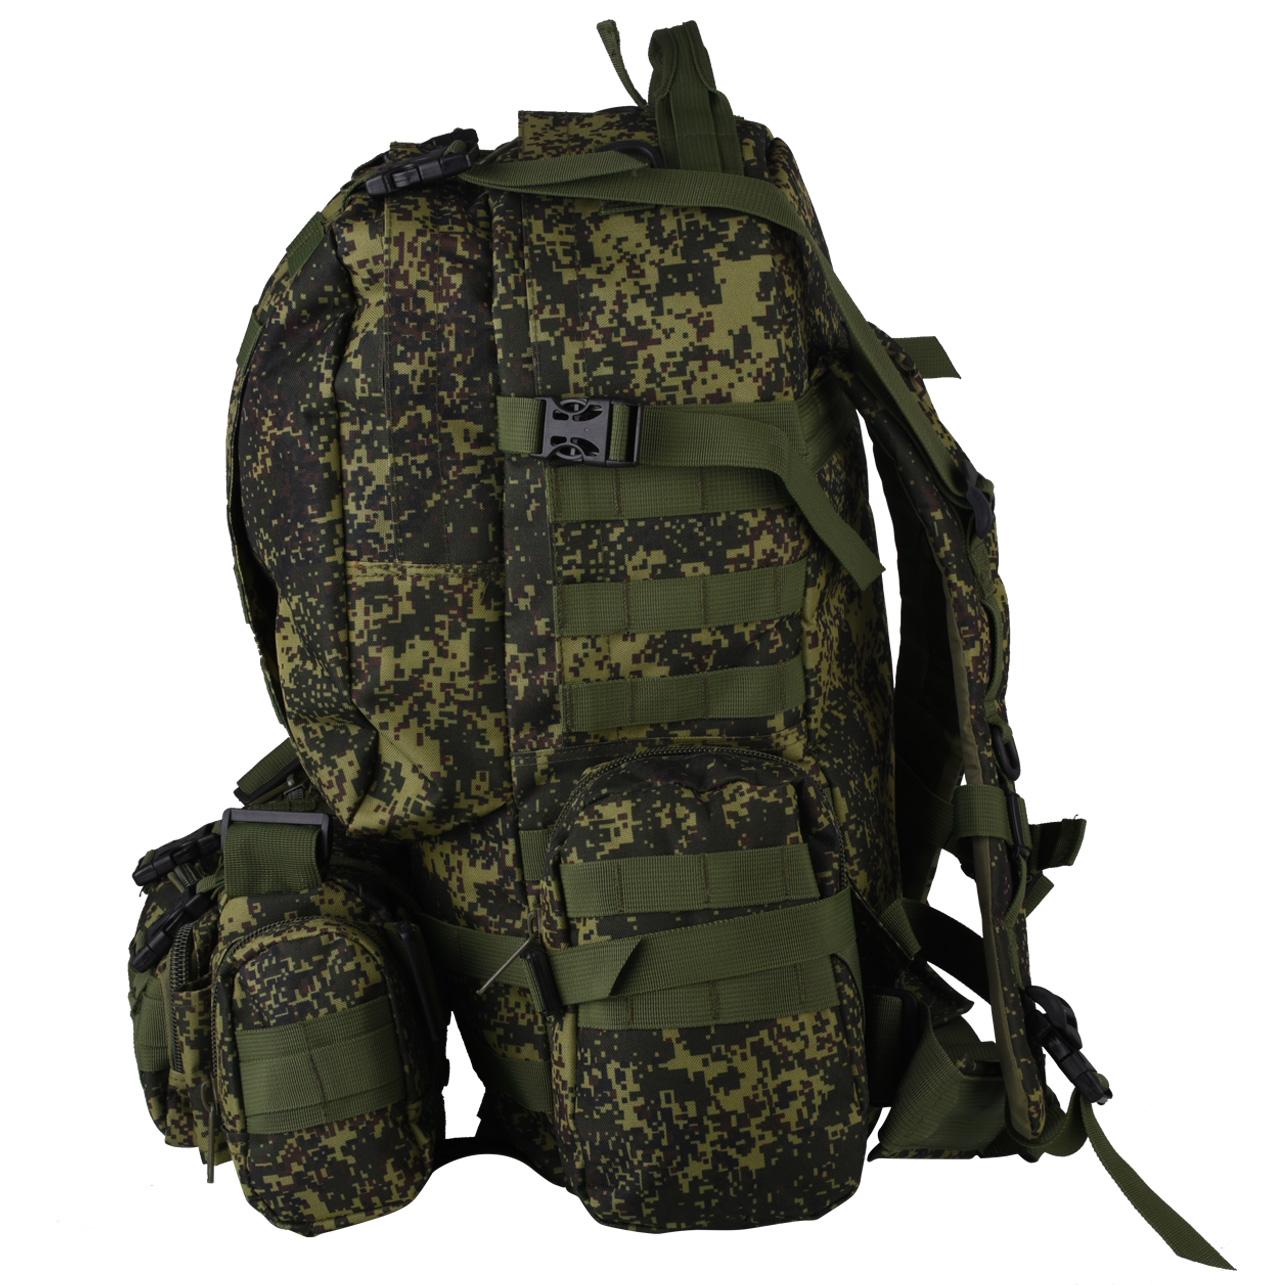 Универсальный военный рюкзак с нашивкой ФСО - заказать в подарок